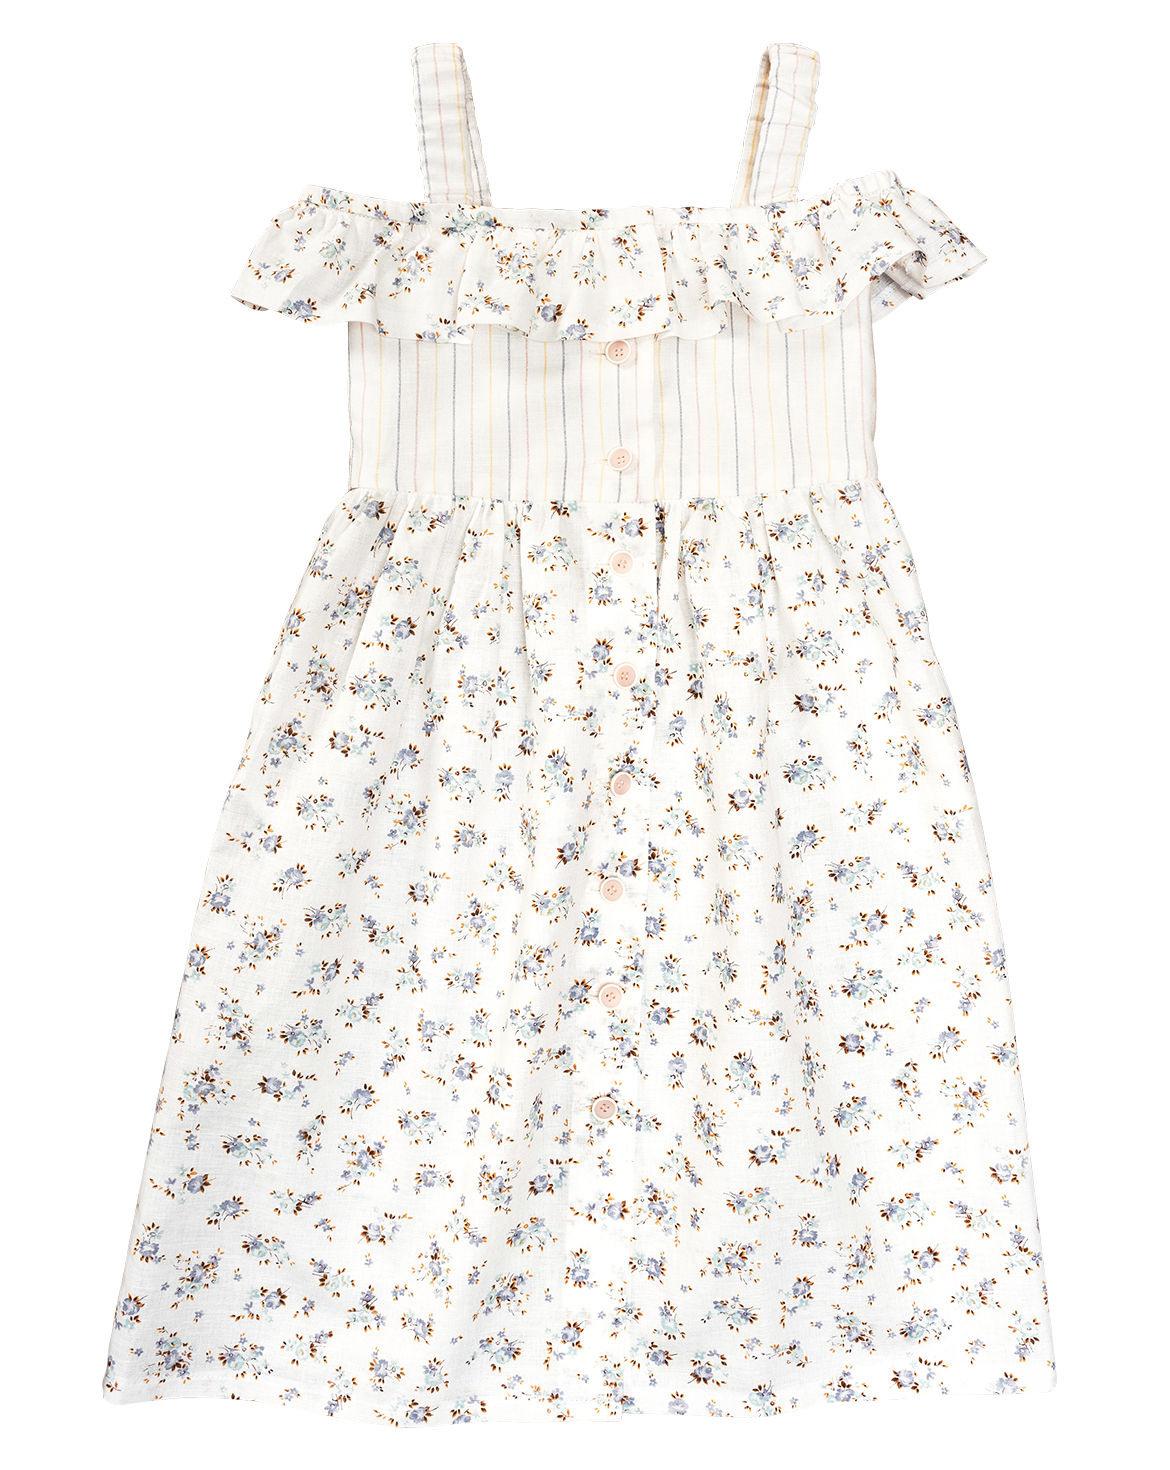 Kleid Mit Knopfleiste F/S 2020 9304B Mädchen Kleider